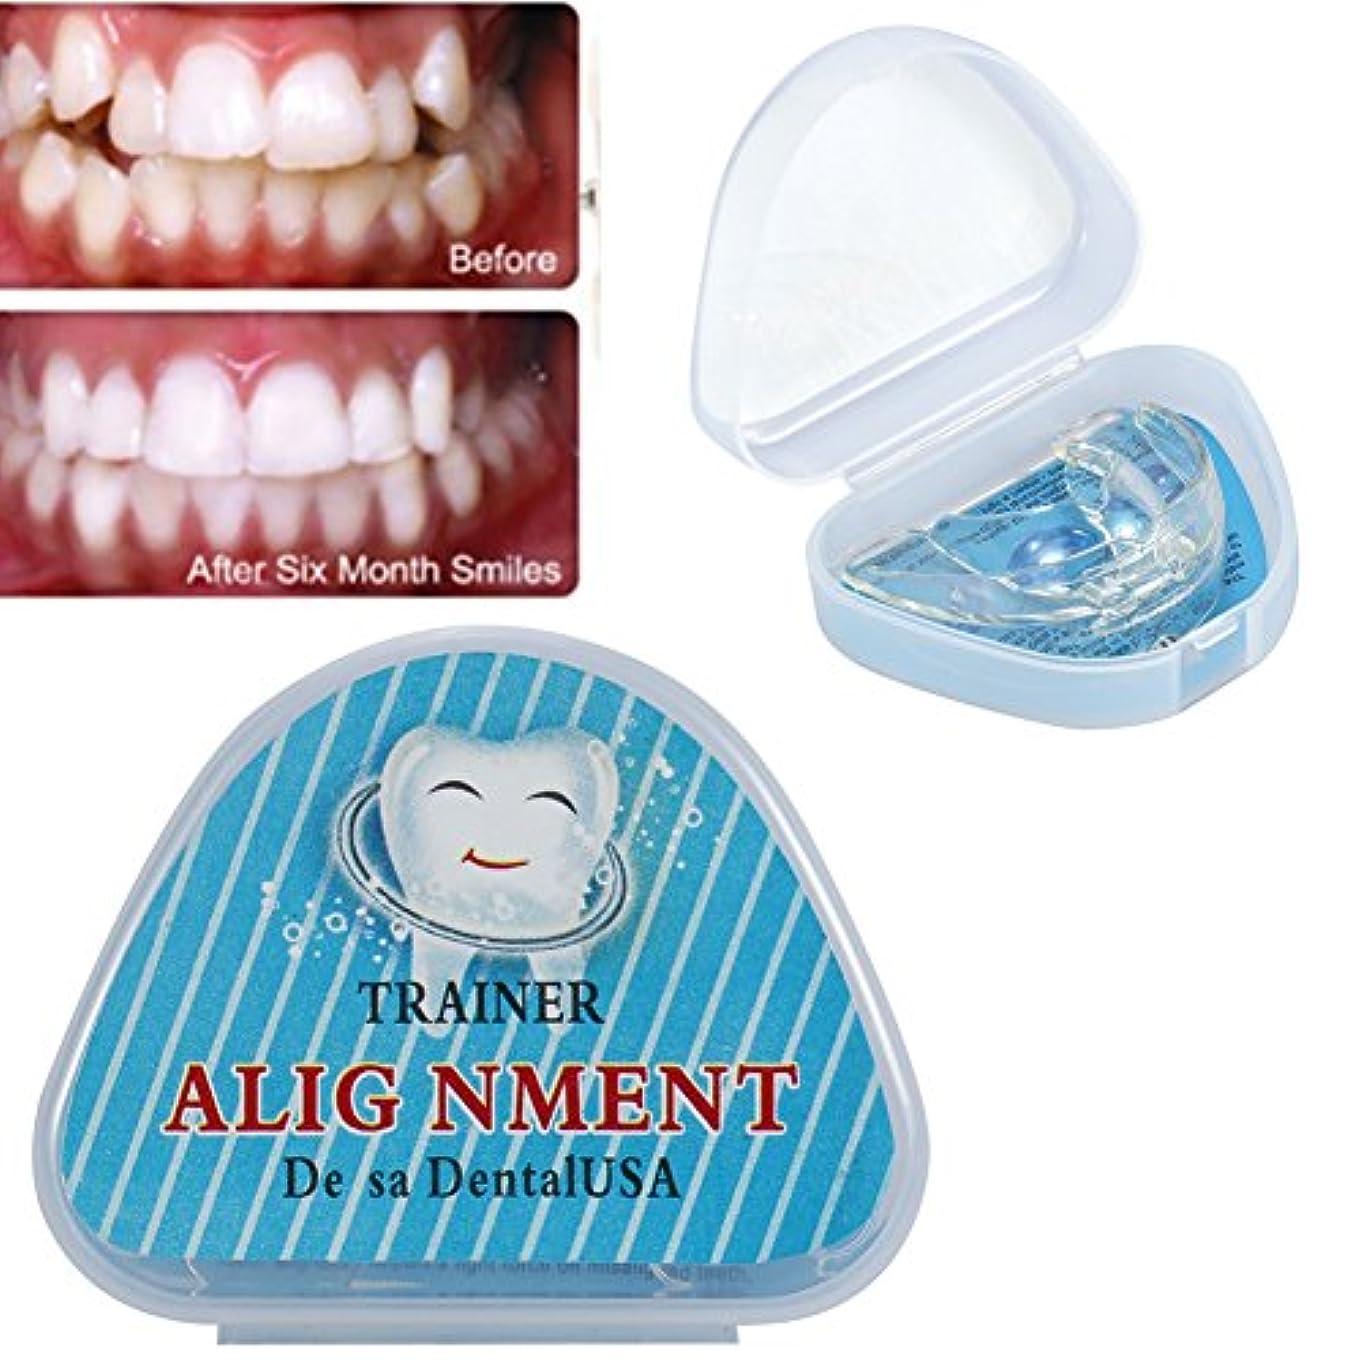 一時的識別する影響するEboxer 歯 矯正 矯正器 デンタルマウスピース 矯正用リテーナー マウスピース 噛み合わせ 歯ぎしり いびき防止 予防 歯並び 矯正